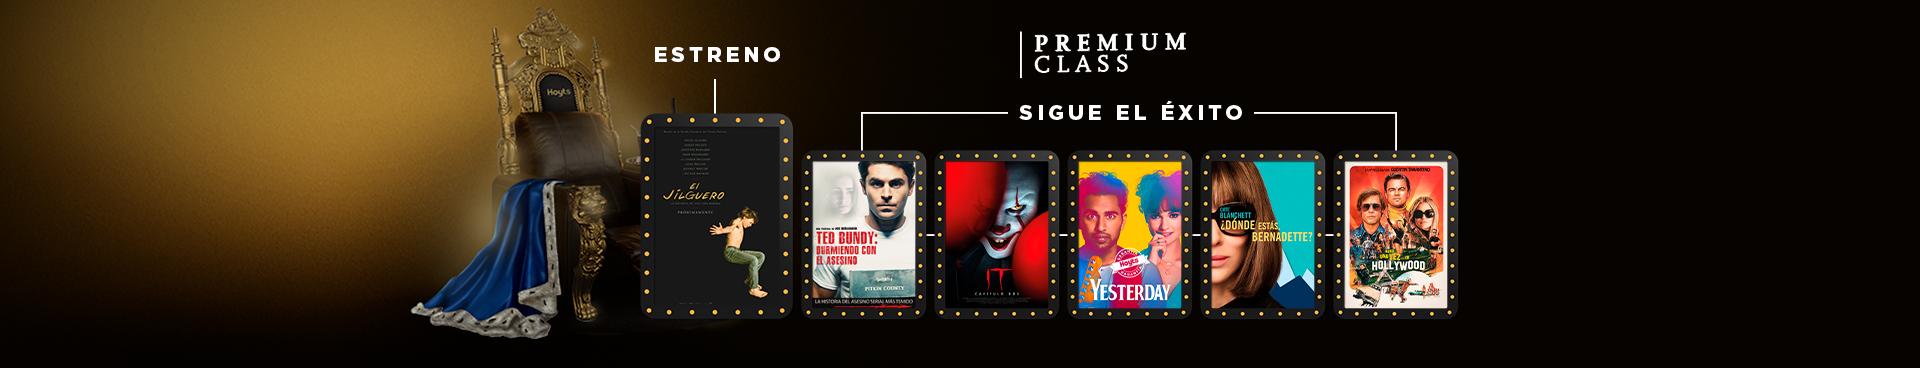 PREMIUM CLASS: EL JILGUERO // CARTELERA:  ESTRENO TED BUNDY + IT CAPITULO 2 + YESTERDAY + DÓNDE ESTÁS BERNADETTE + HABIA UNA VEZ EN HOLLYWOOD